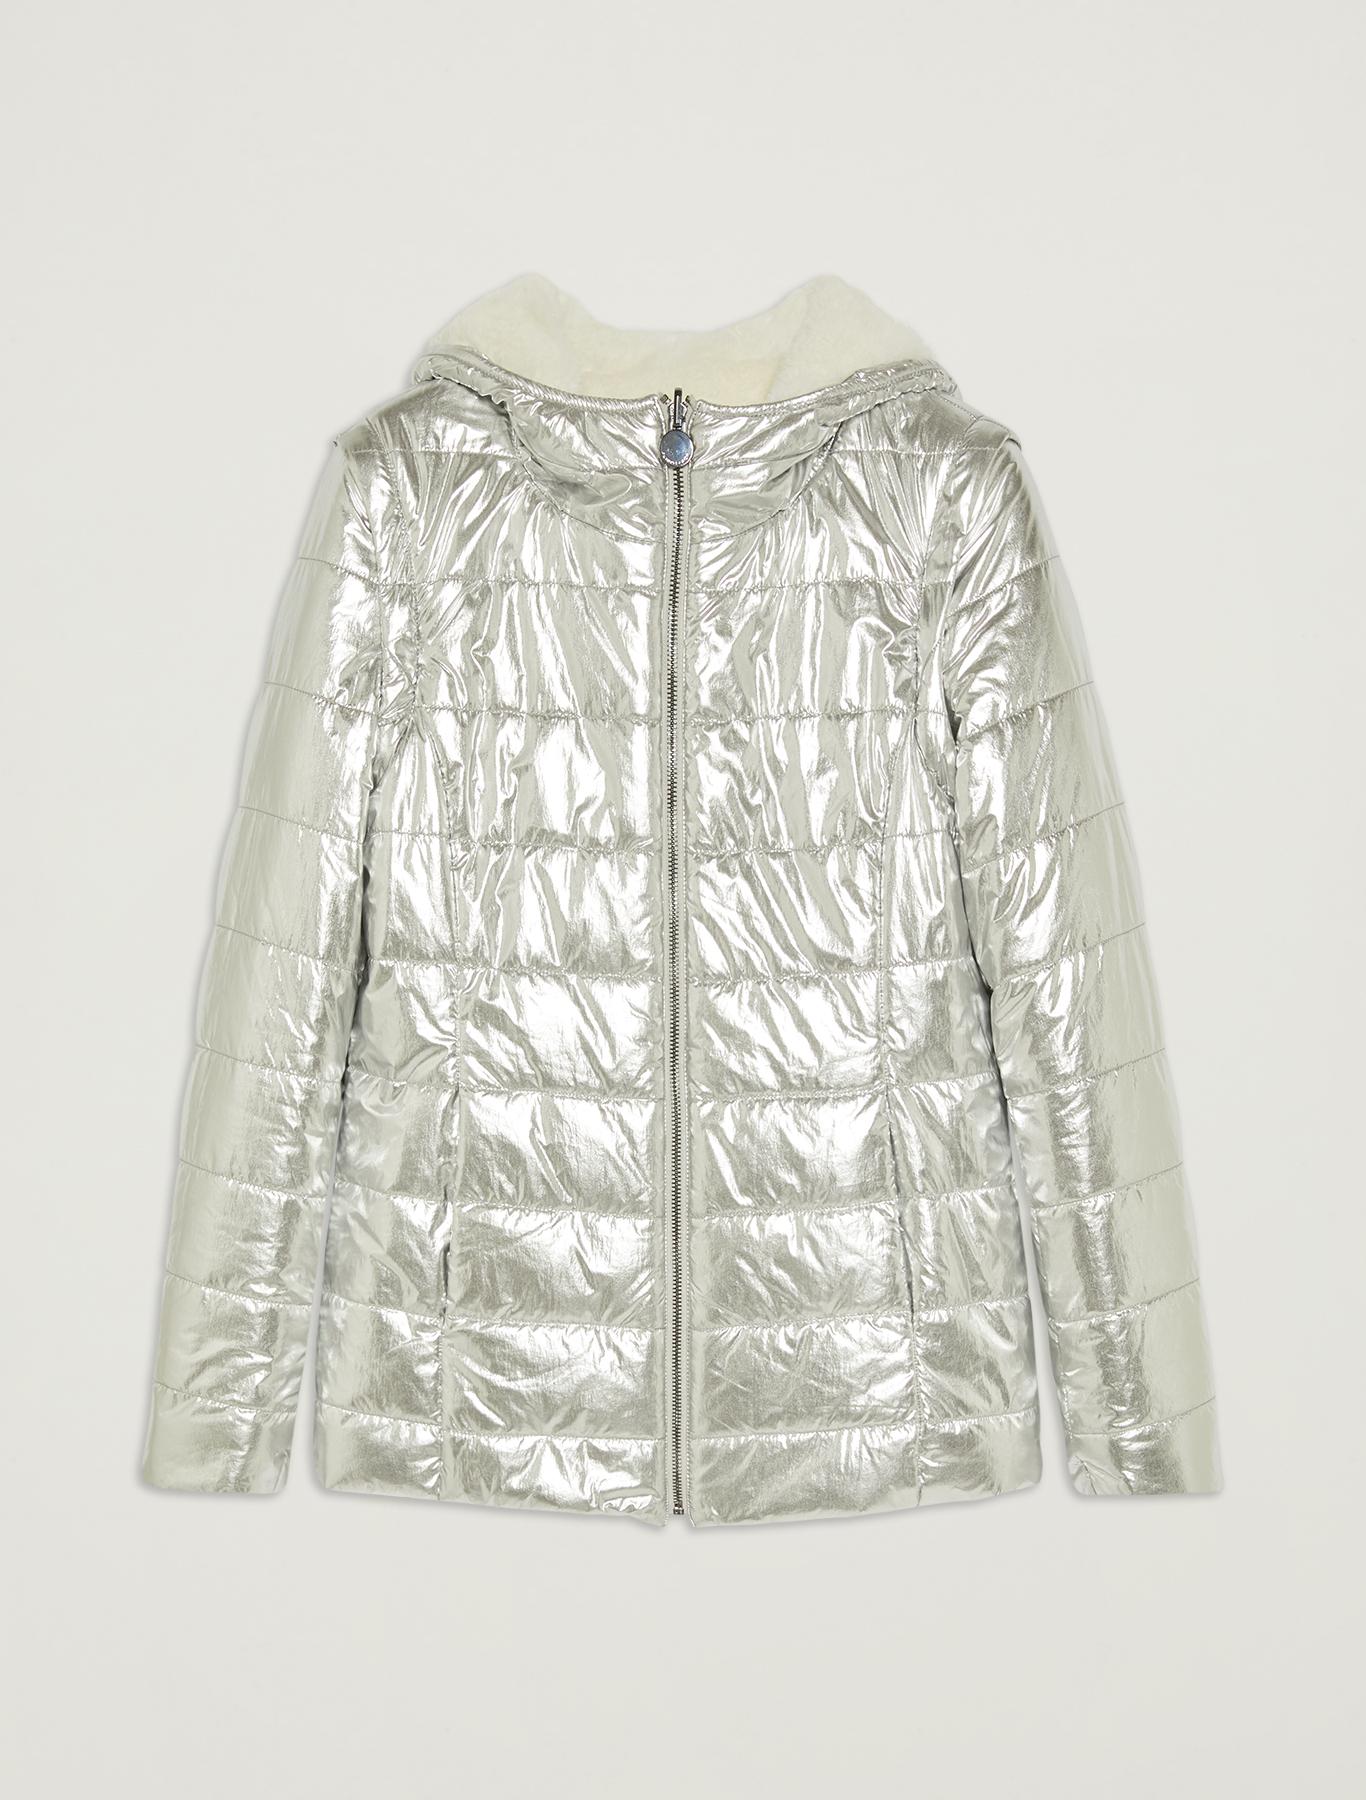 Reversible laminated jacket - ivory - pennyblack